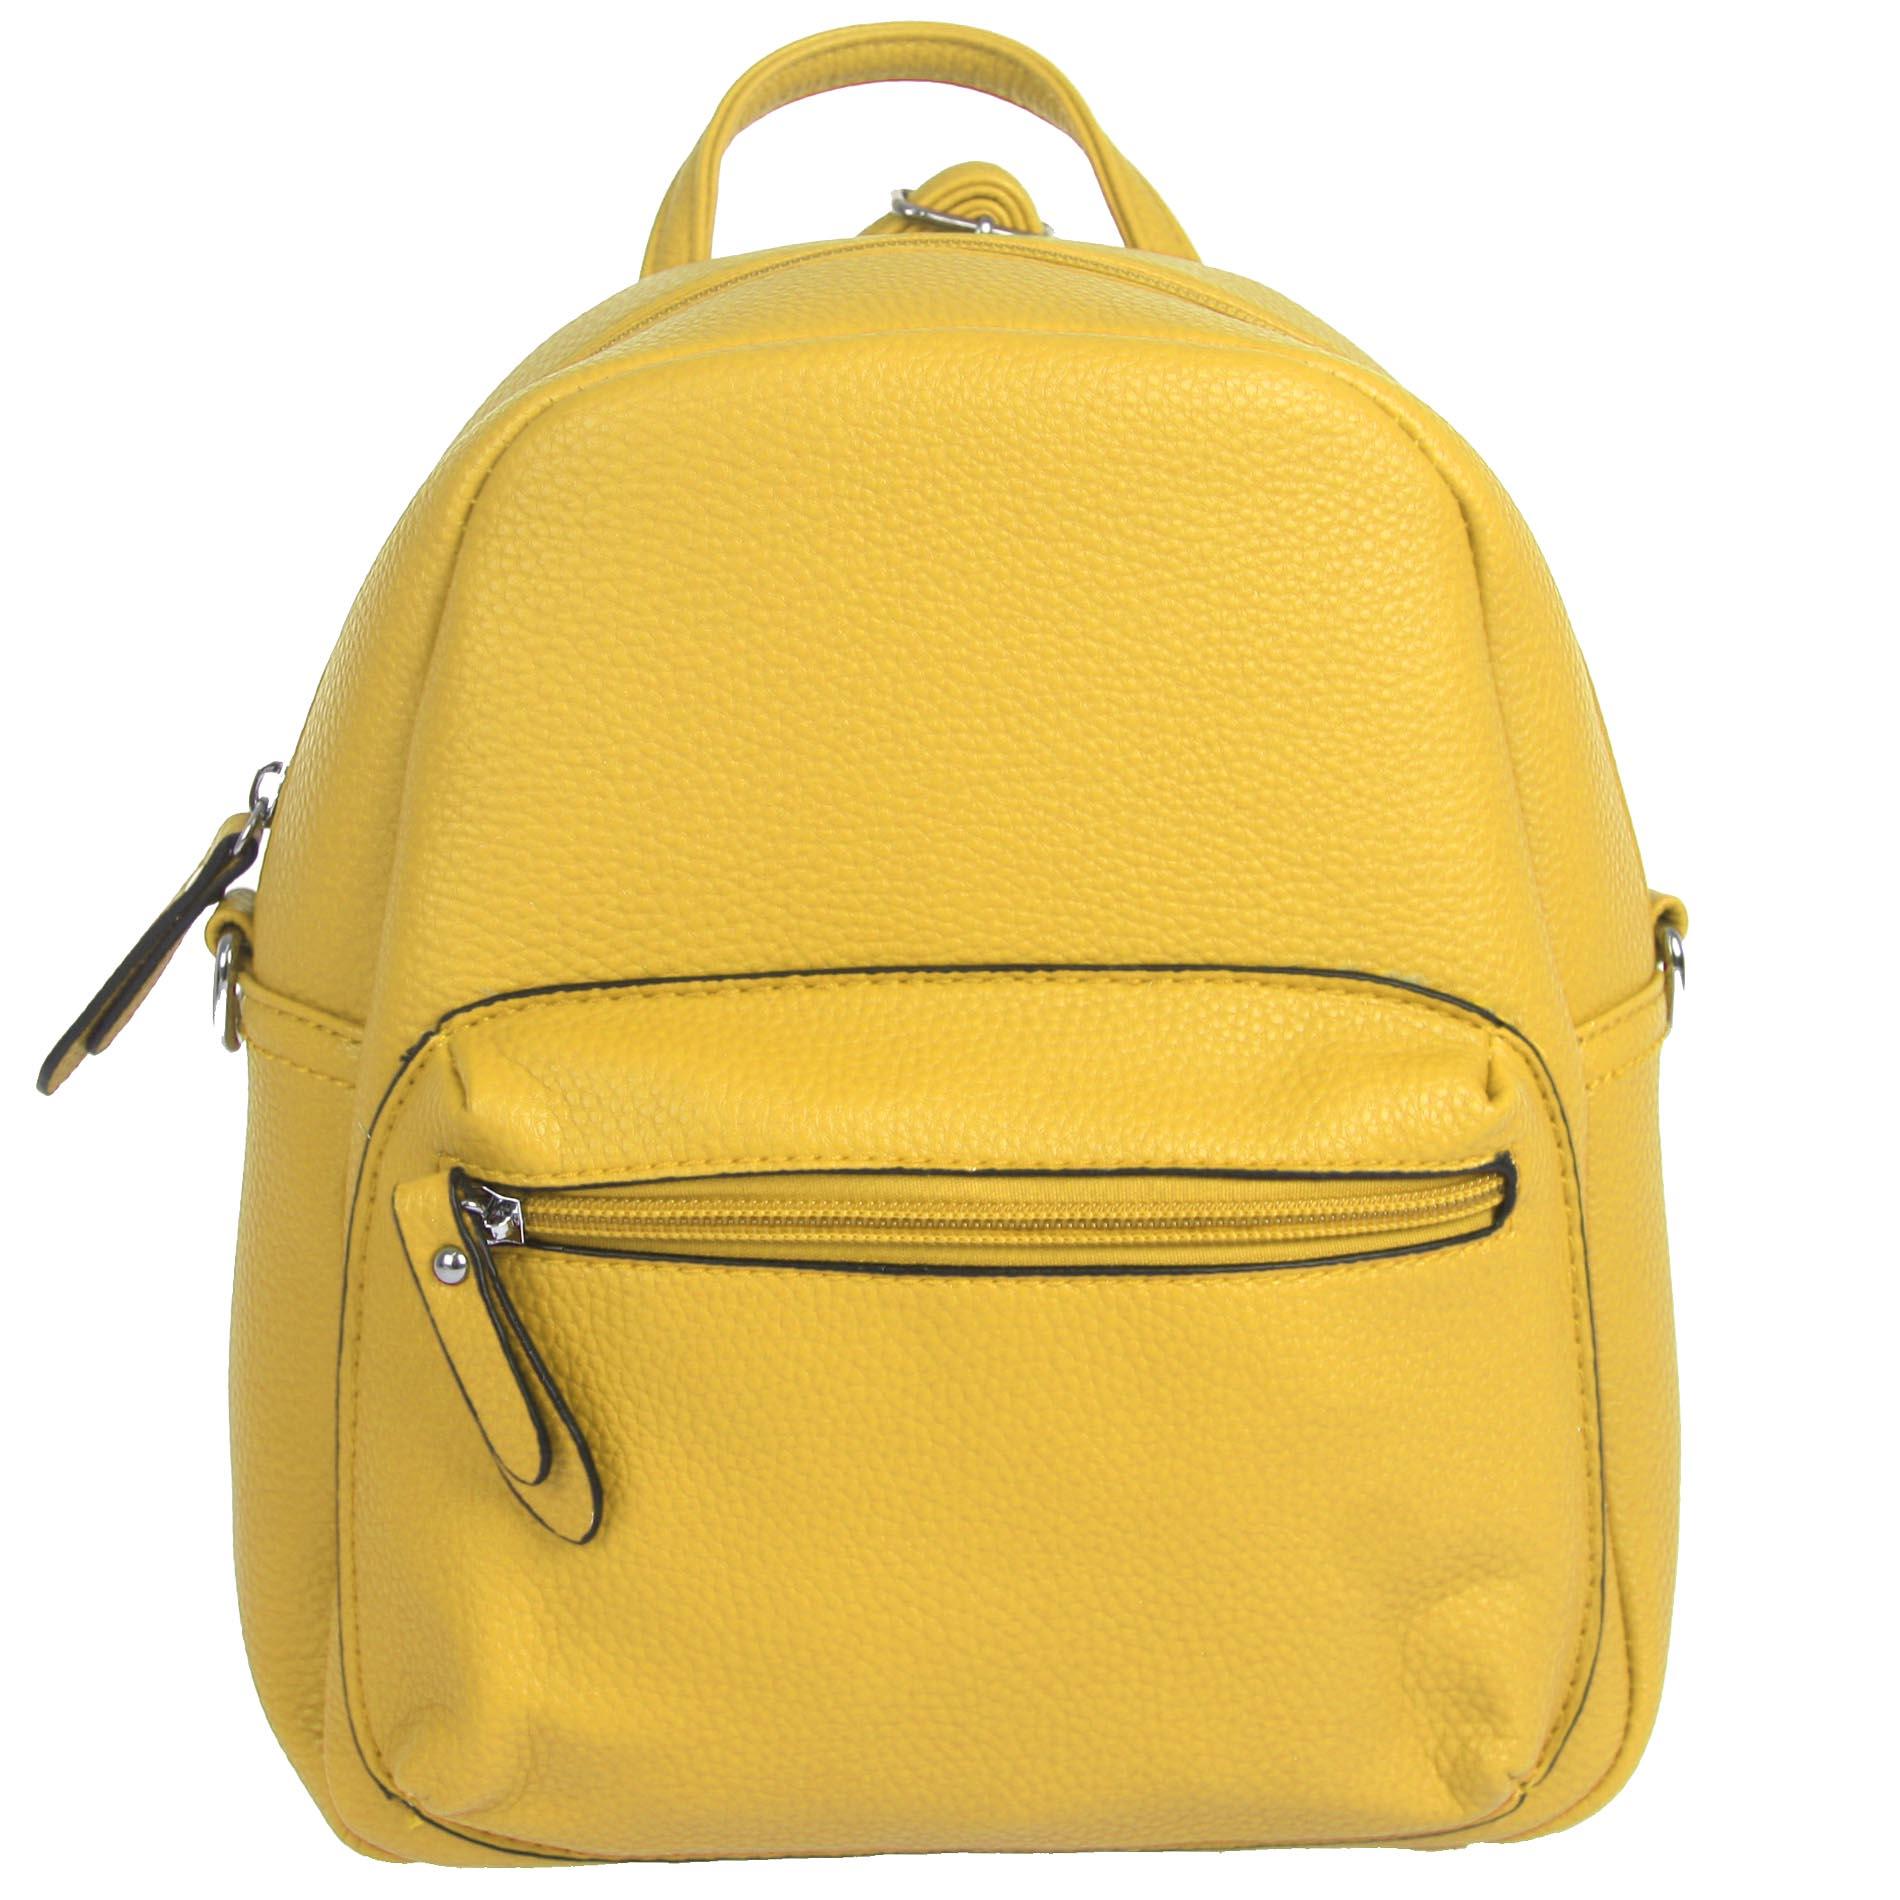 f75ac0f93f Malý žlutý batoh   kabelka Eric Style B2966 empty